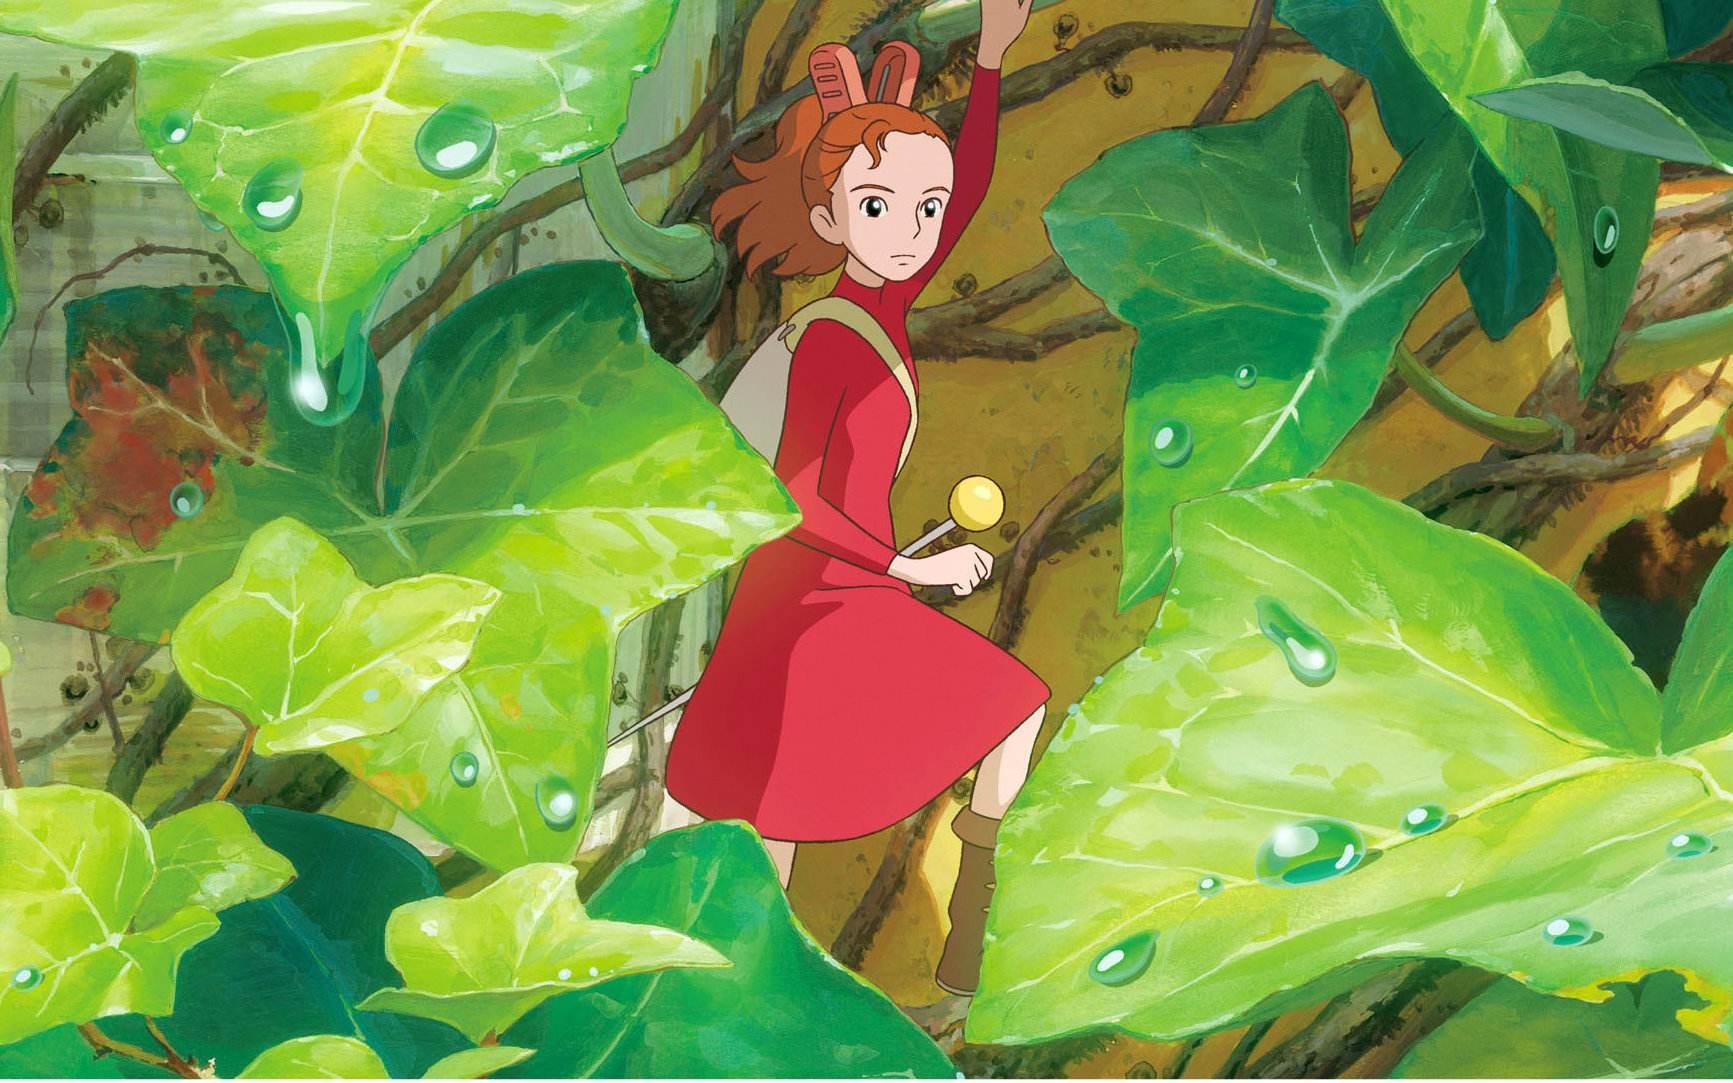 宫崎骏作品《借东西的小人阿莉埃蒂》图片